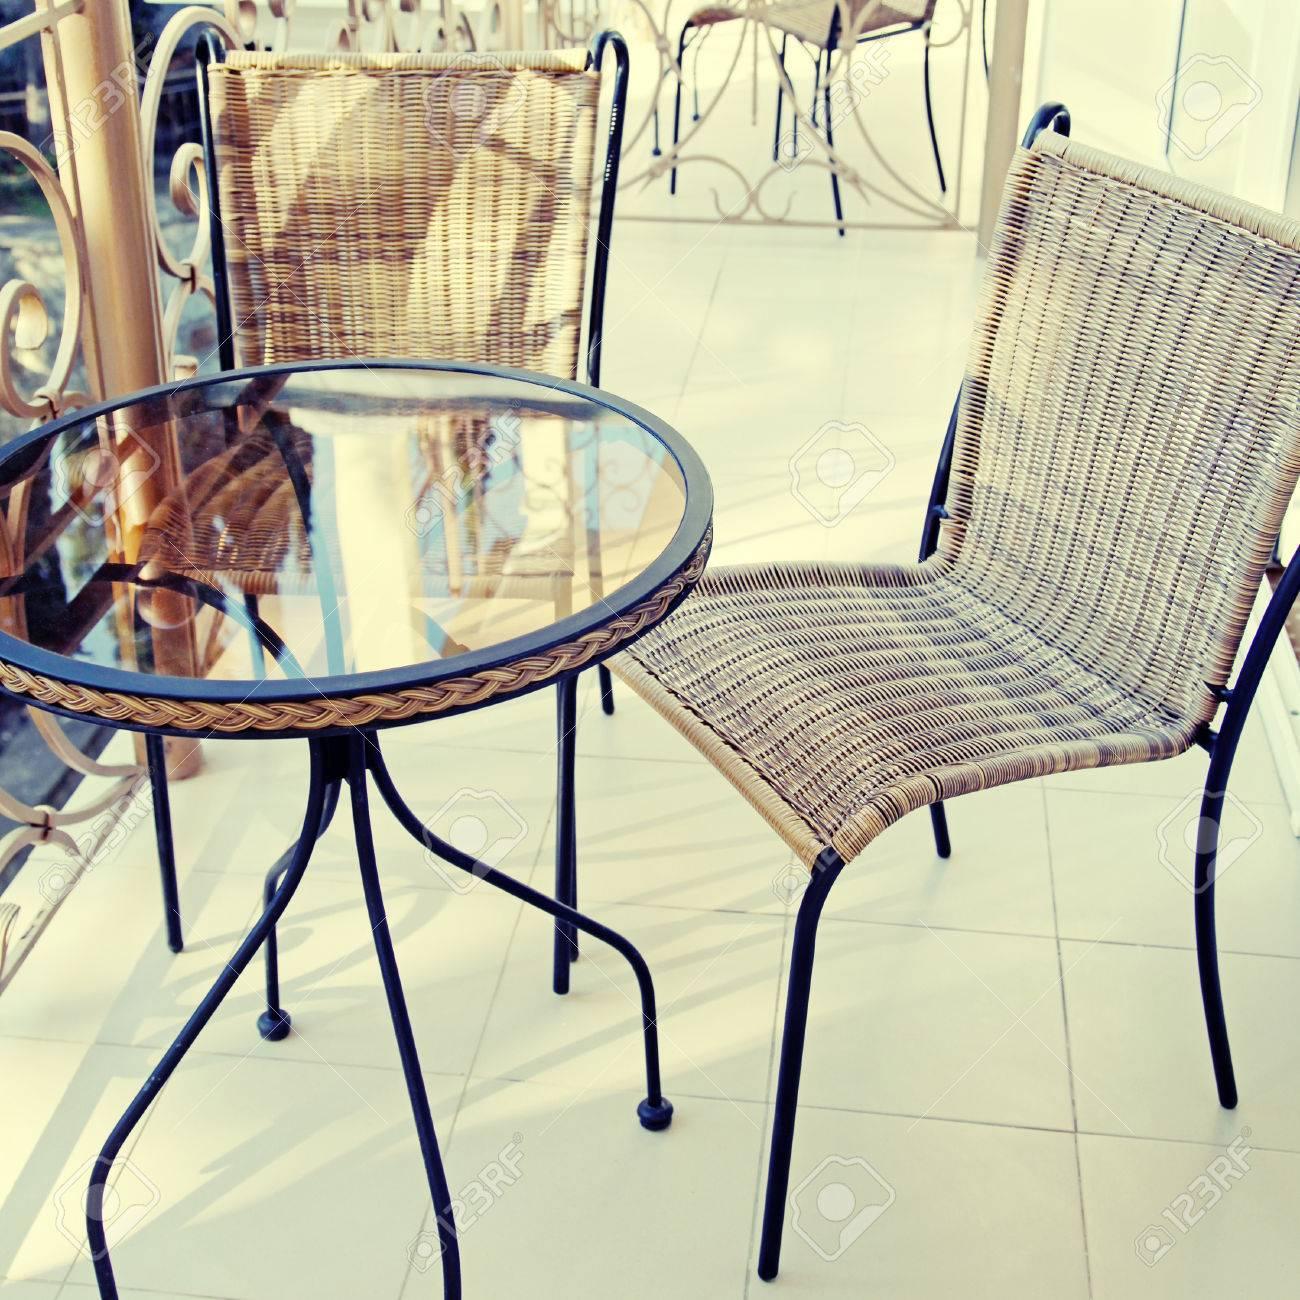 Table De Fer Et Des Chaises Sur Balcon Station D Ete Carre Image